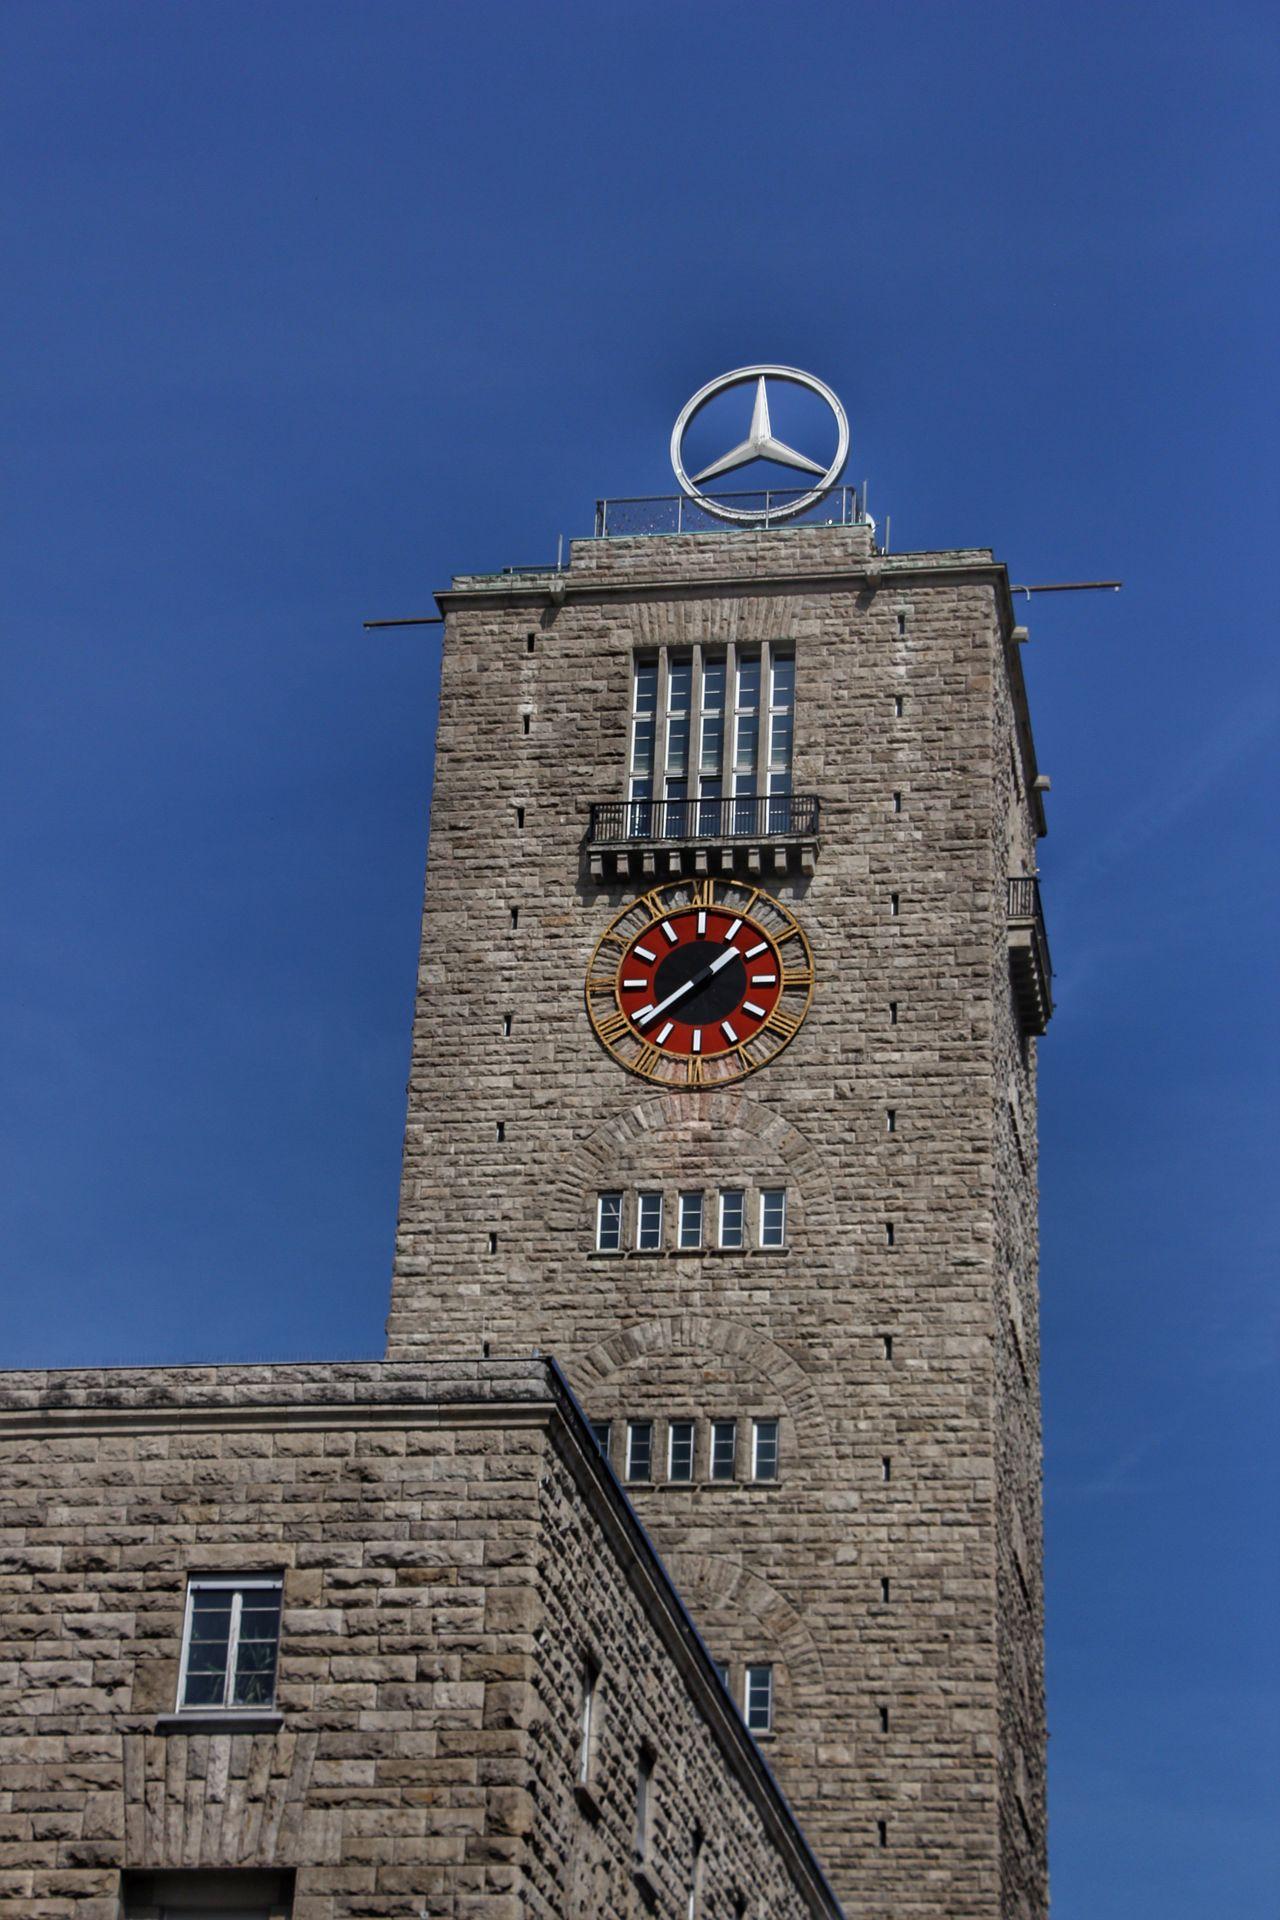 Architecture Architektur Baden-Württemberg  Bahnhof Building Exterior City Clear Sky Clock Clock Tower Daimler Low Angle View Mercedes Schwabenland Stadt Star Stein Stern Stone Stuttgart Train Station Turmuhr Uhr